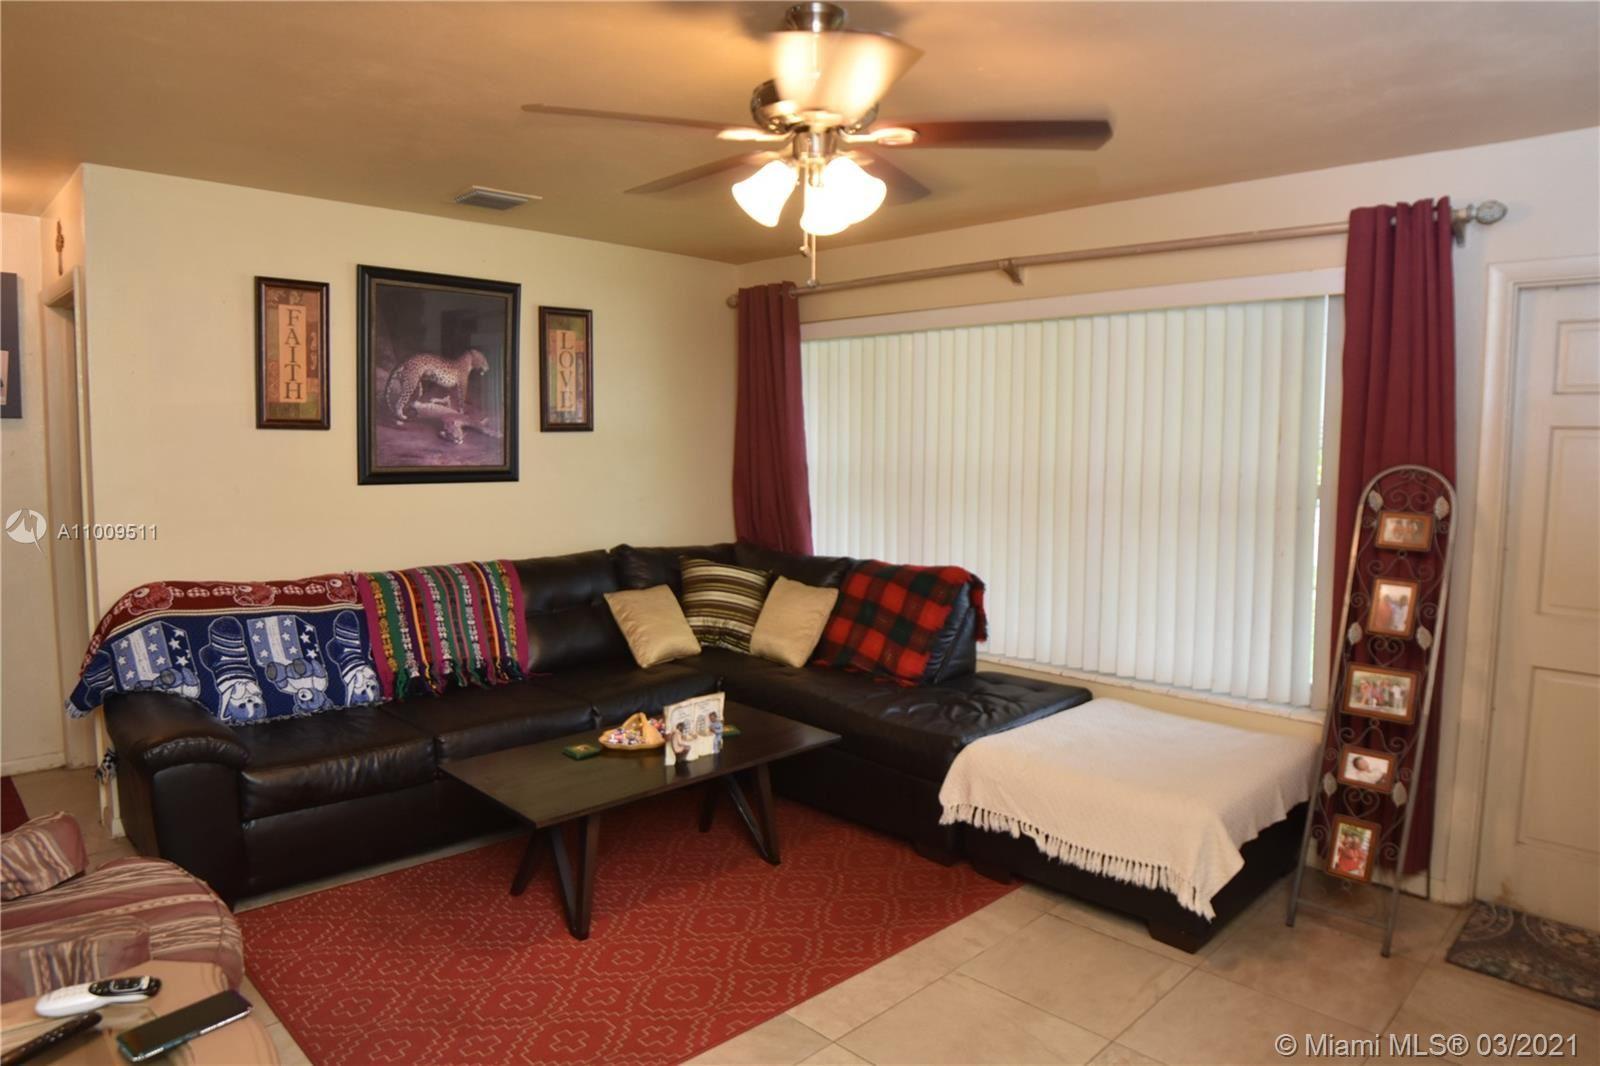 Photo of 221 NE 21 St, Pompano Beach, FL 33060 (MLS # A11009511)